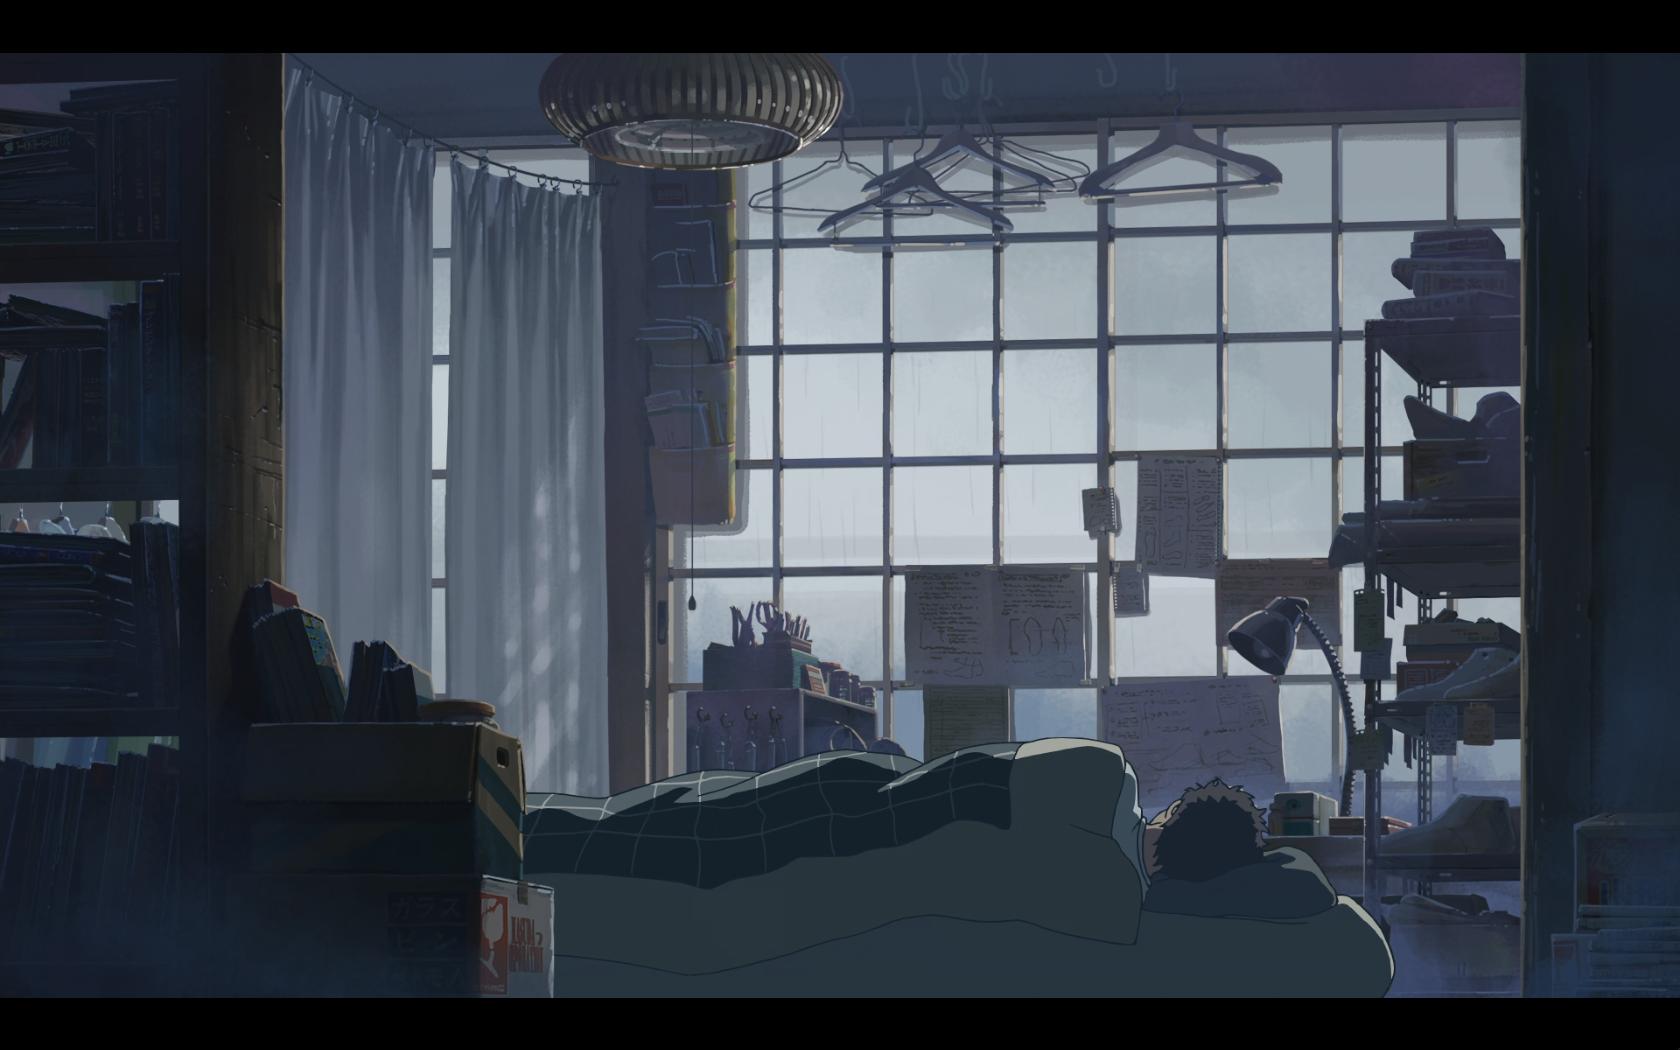 Takao's bedroom in the morning Garden of Words (с